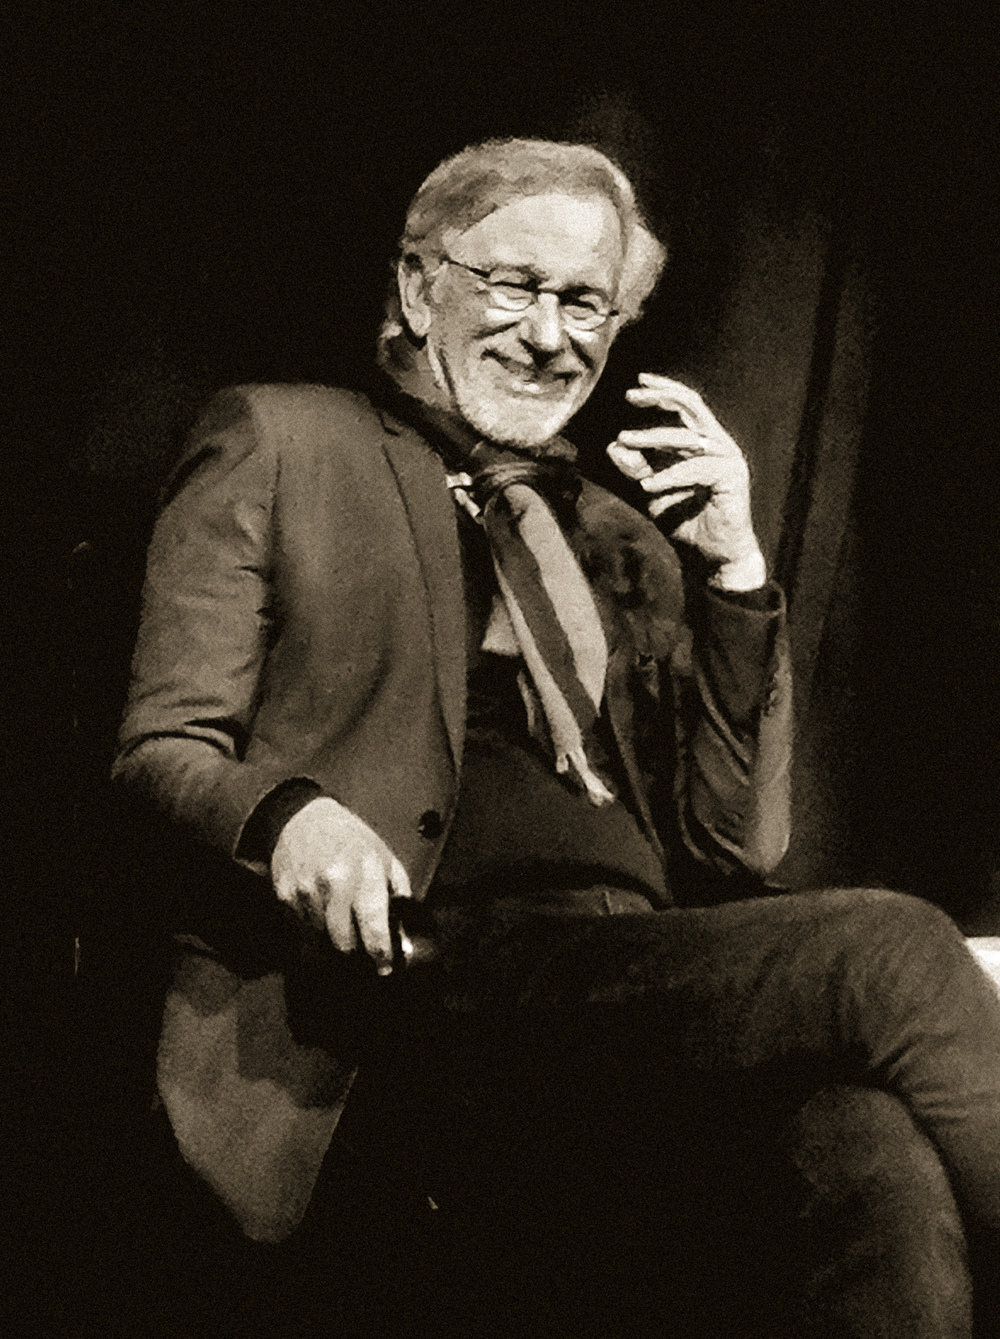 Steven Spielberg, director